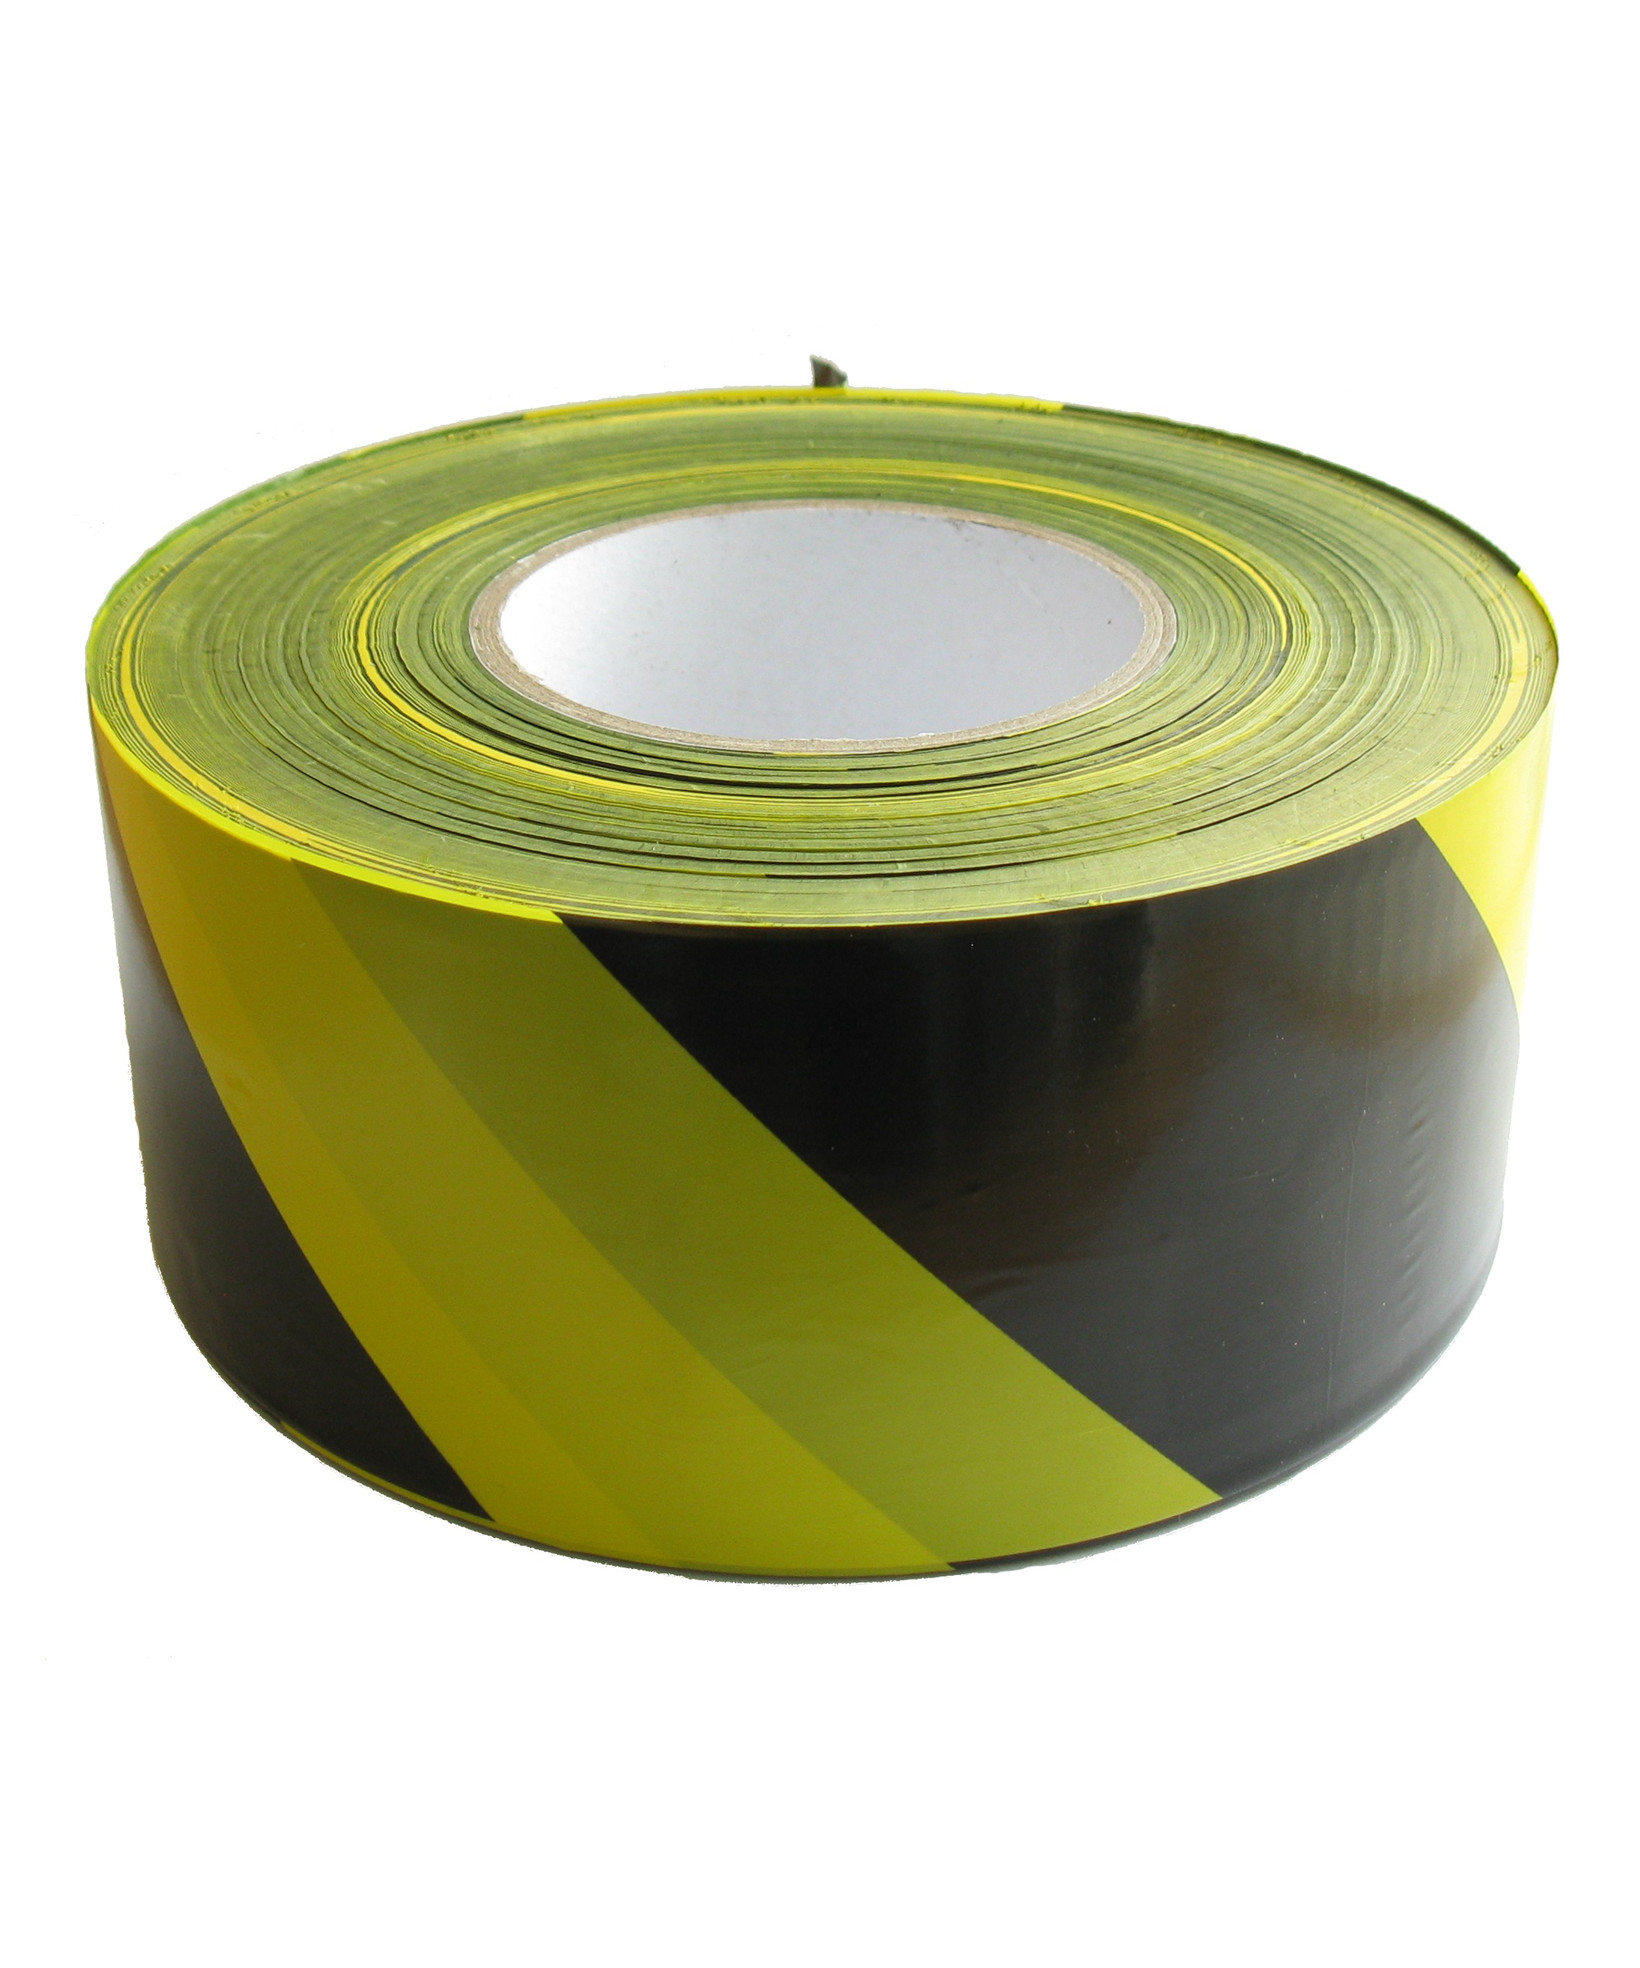 Afspærringsbånd gul/sort 500 m